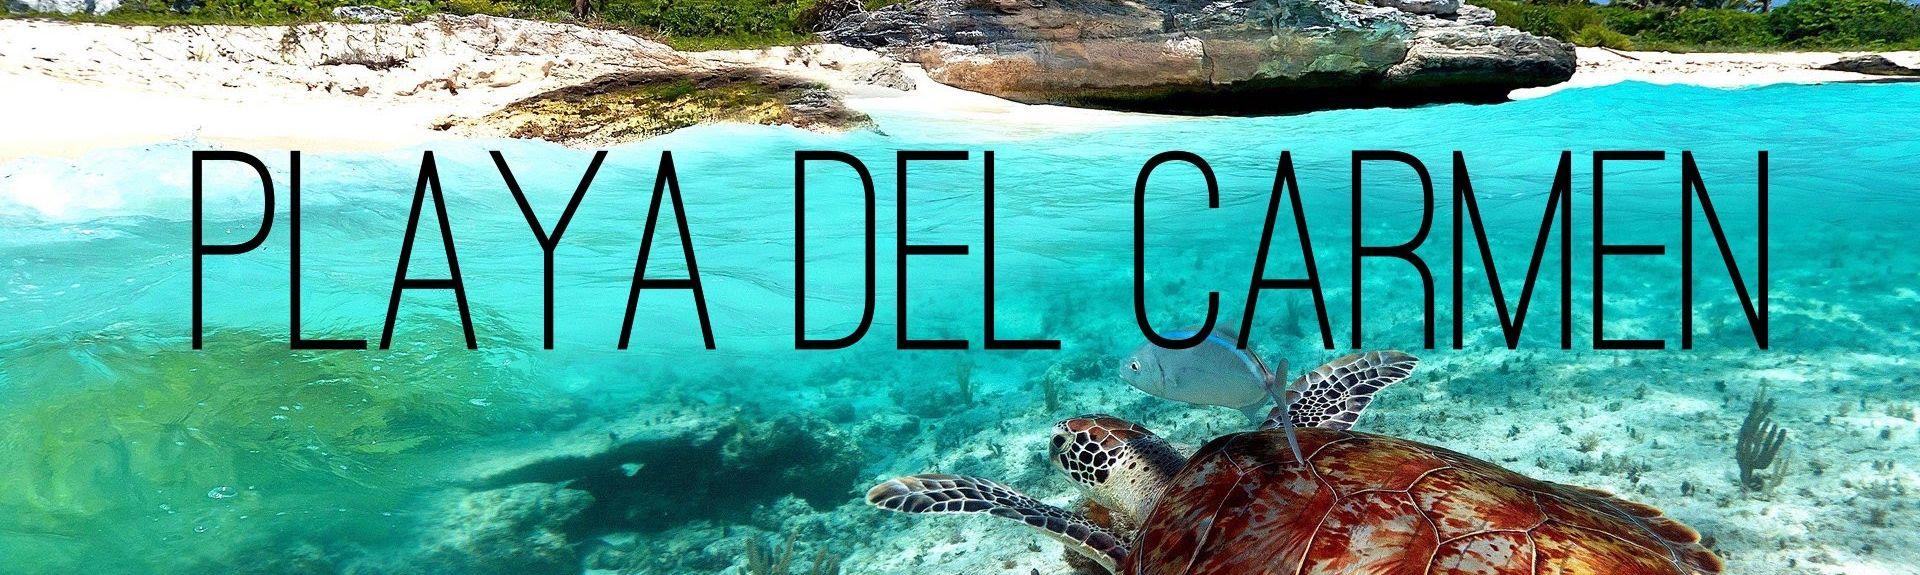 Ejidal, Playa del Carmen, Quintana Roo, Mexiko